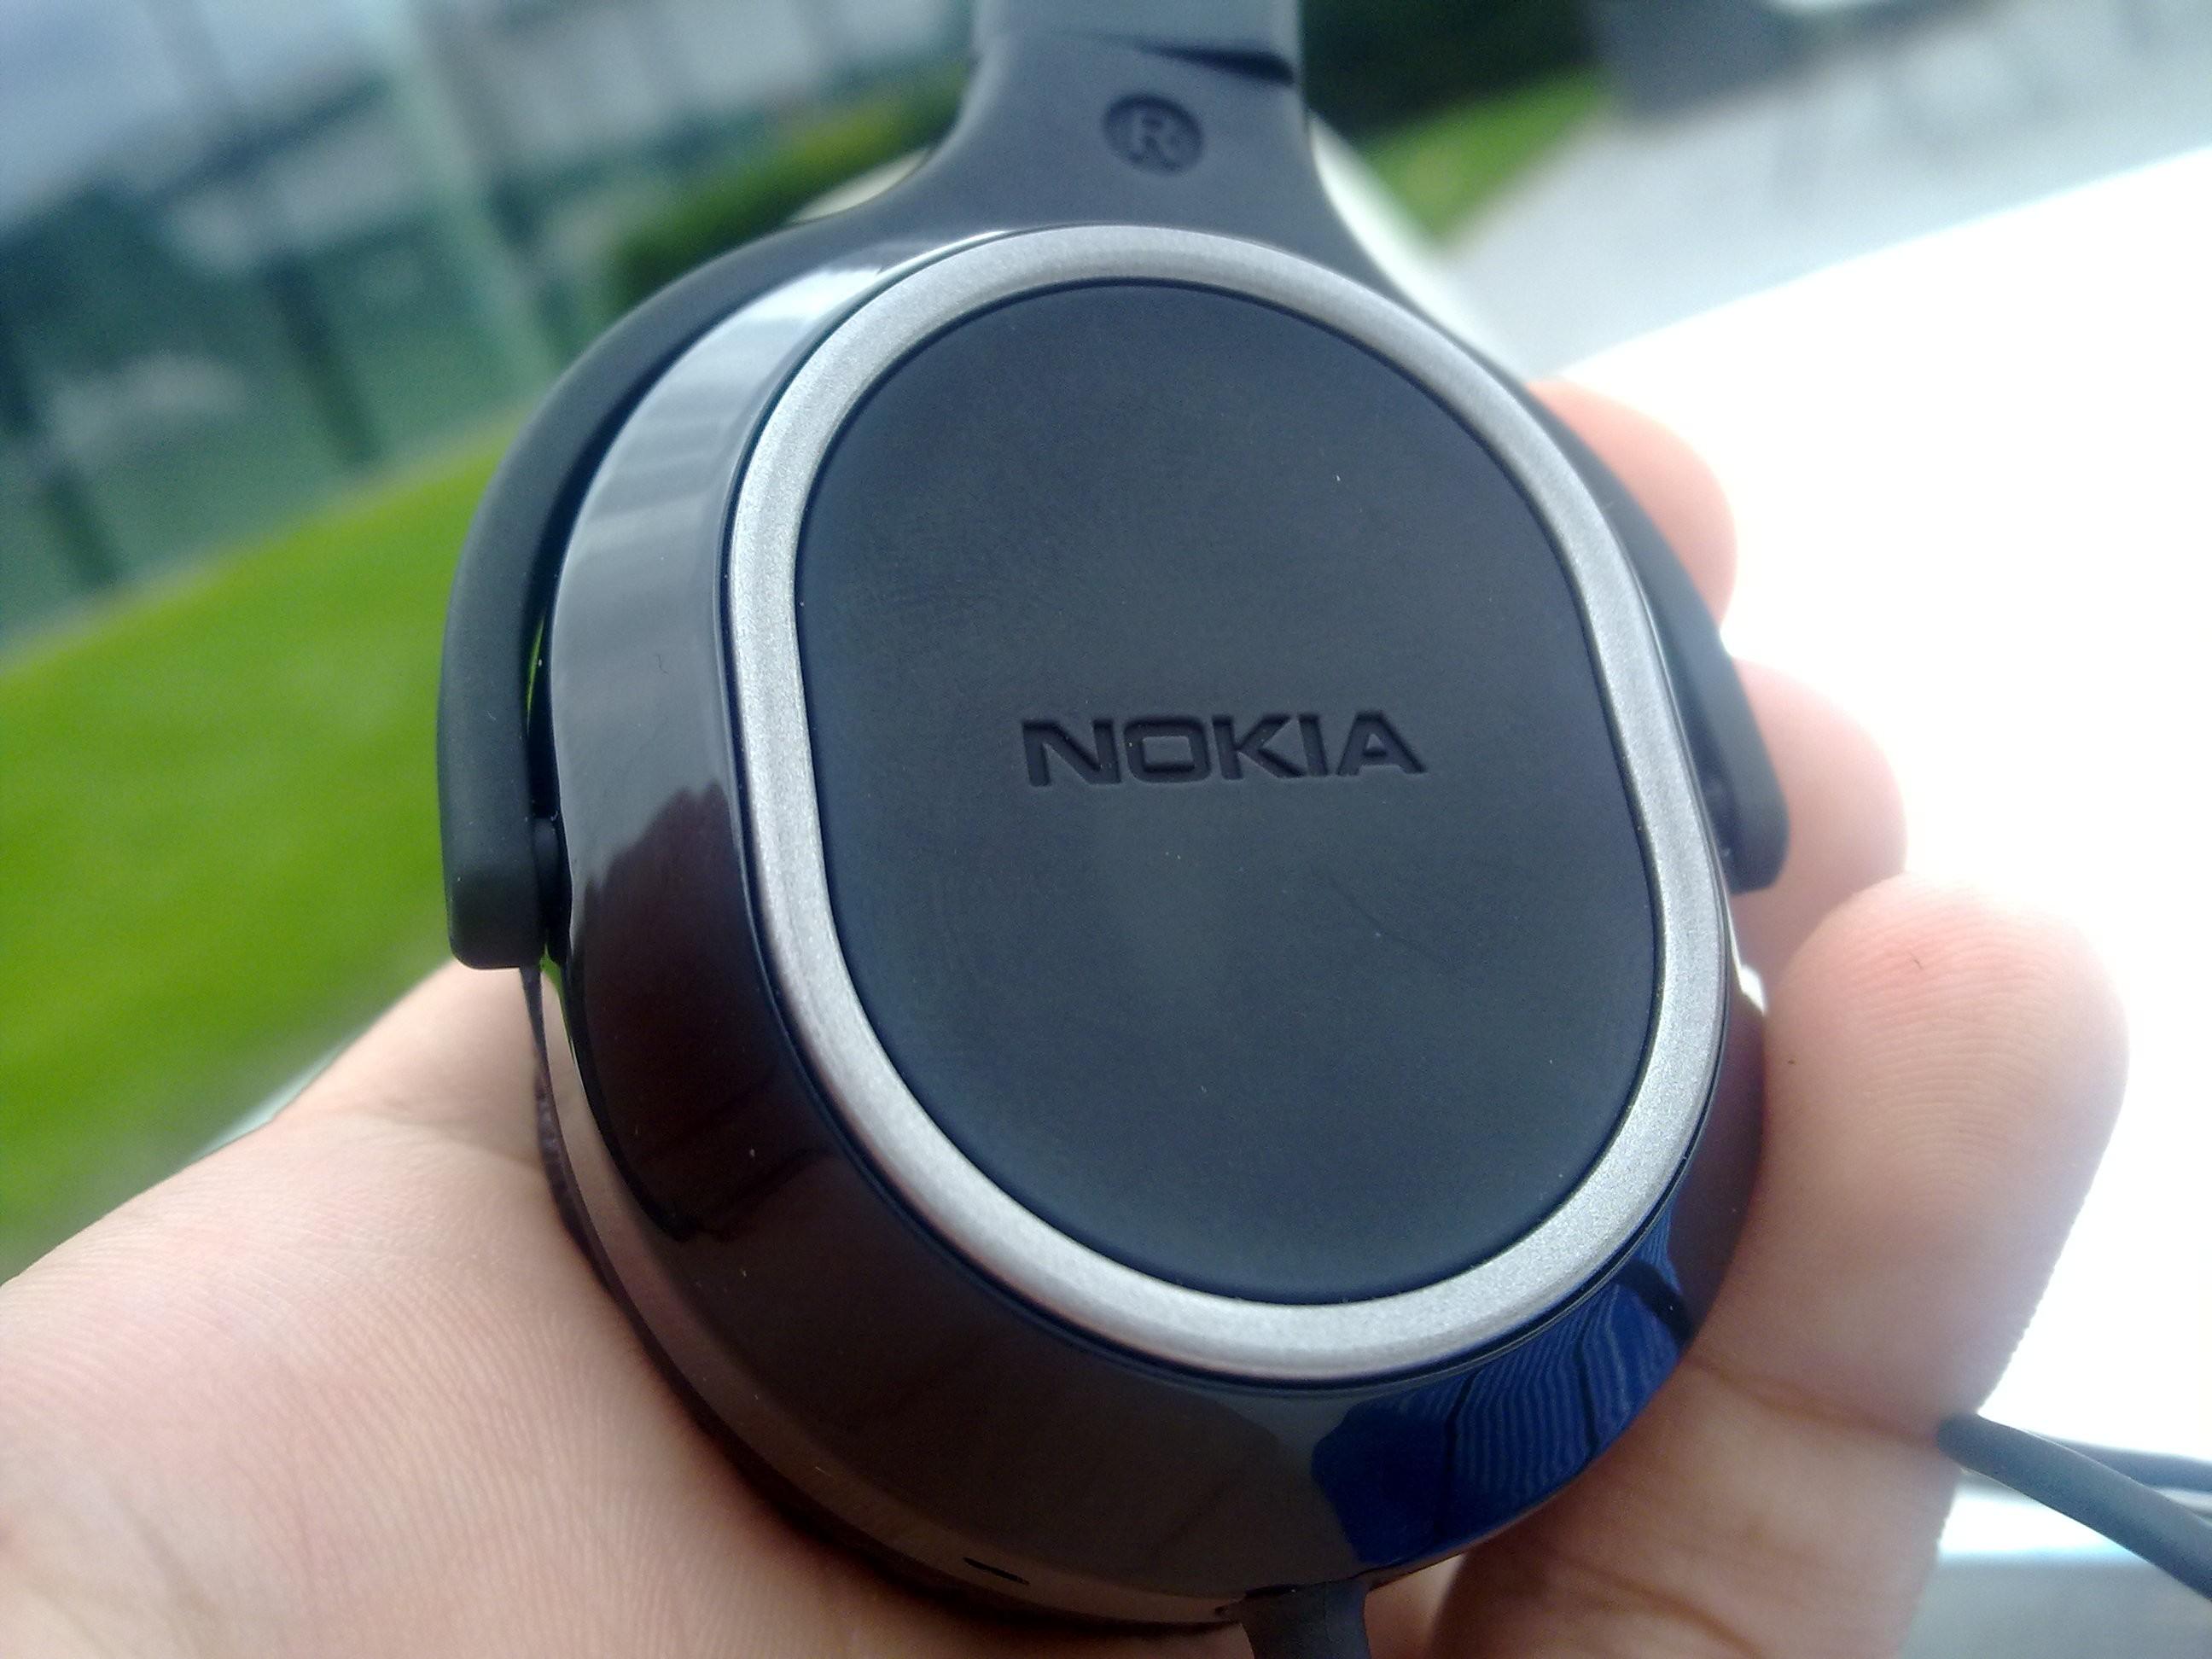 Iphone 7 Image Size nokia-x6-camera-...